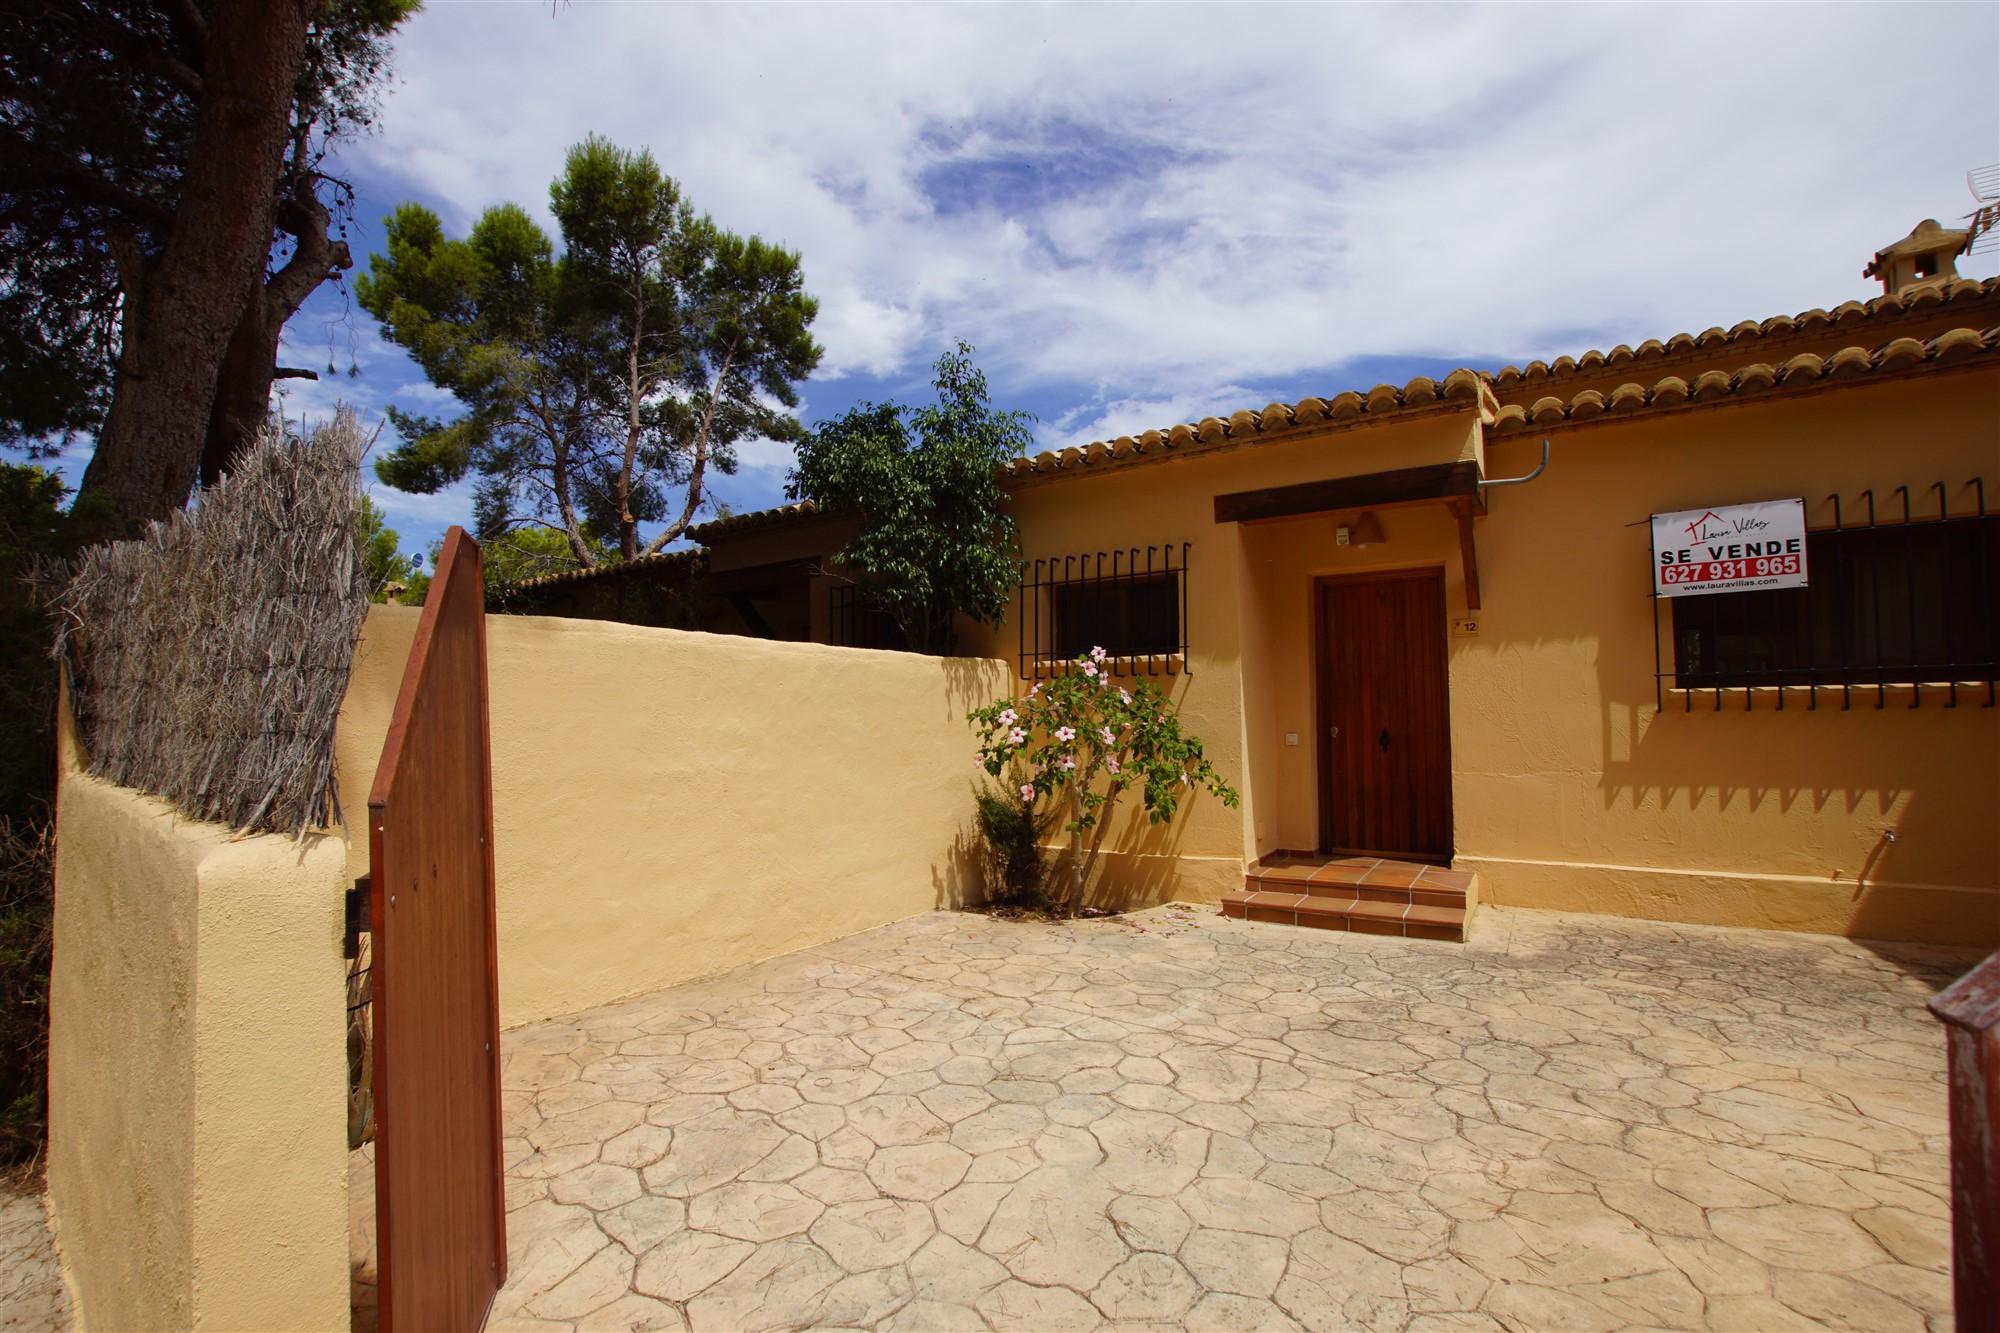 Se vende apartamento en Moraira, en una zona tranquila, con terraza y piscina comunitaria, a 1,1Km del centro y la playa.